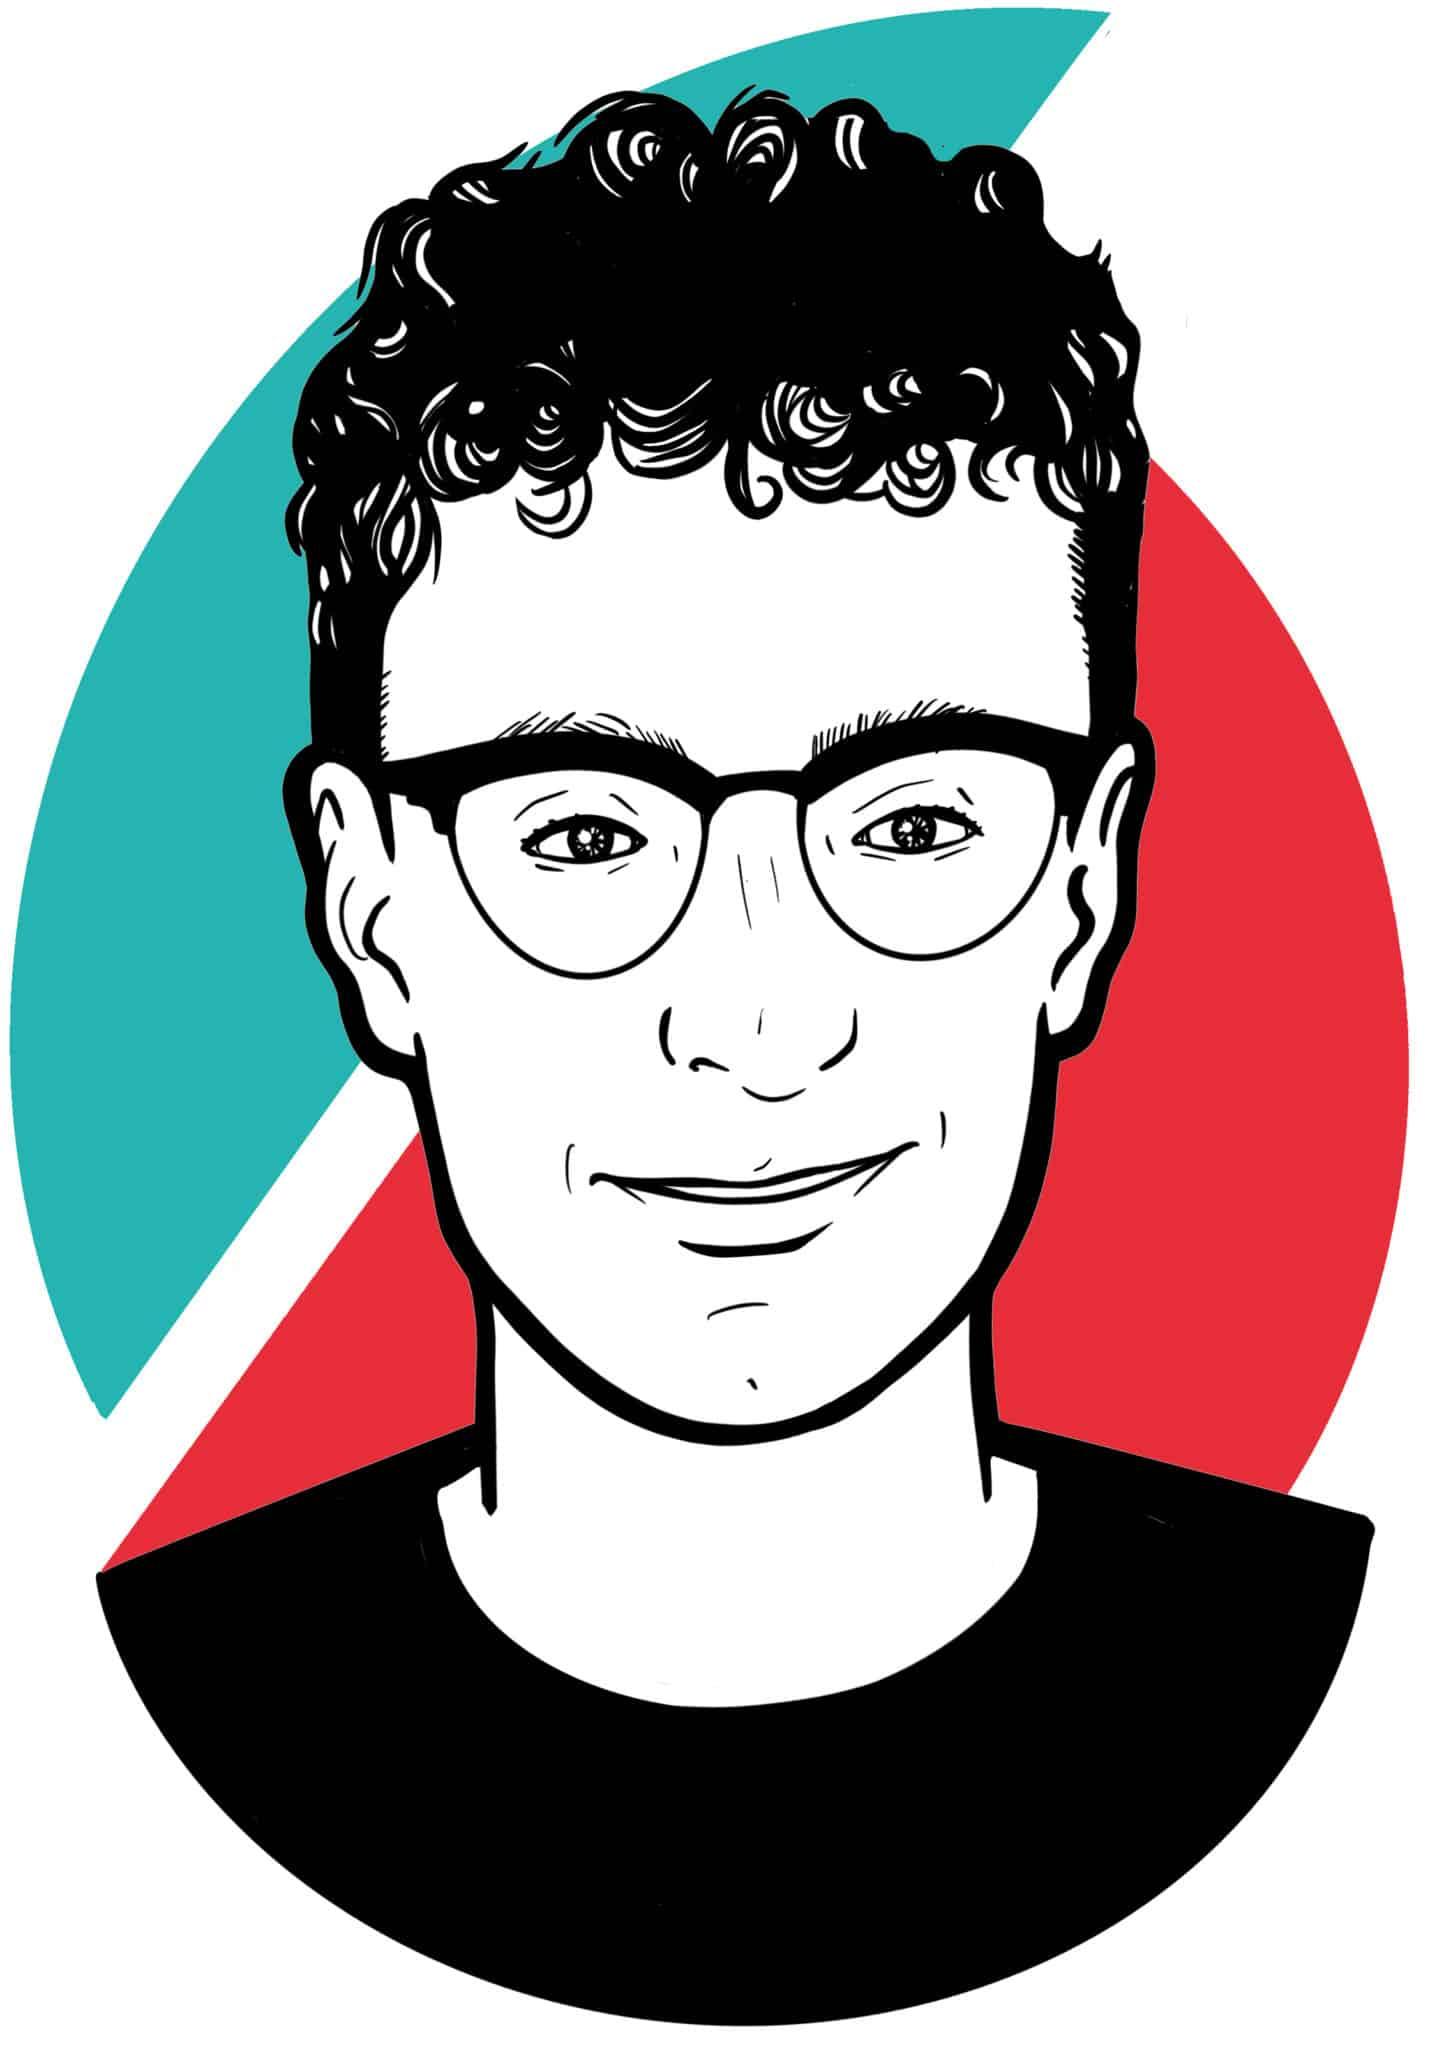 Jacob pinchofnom.com